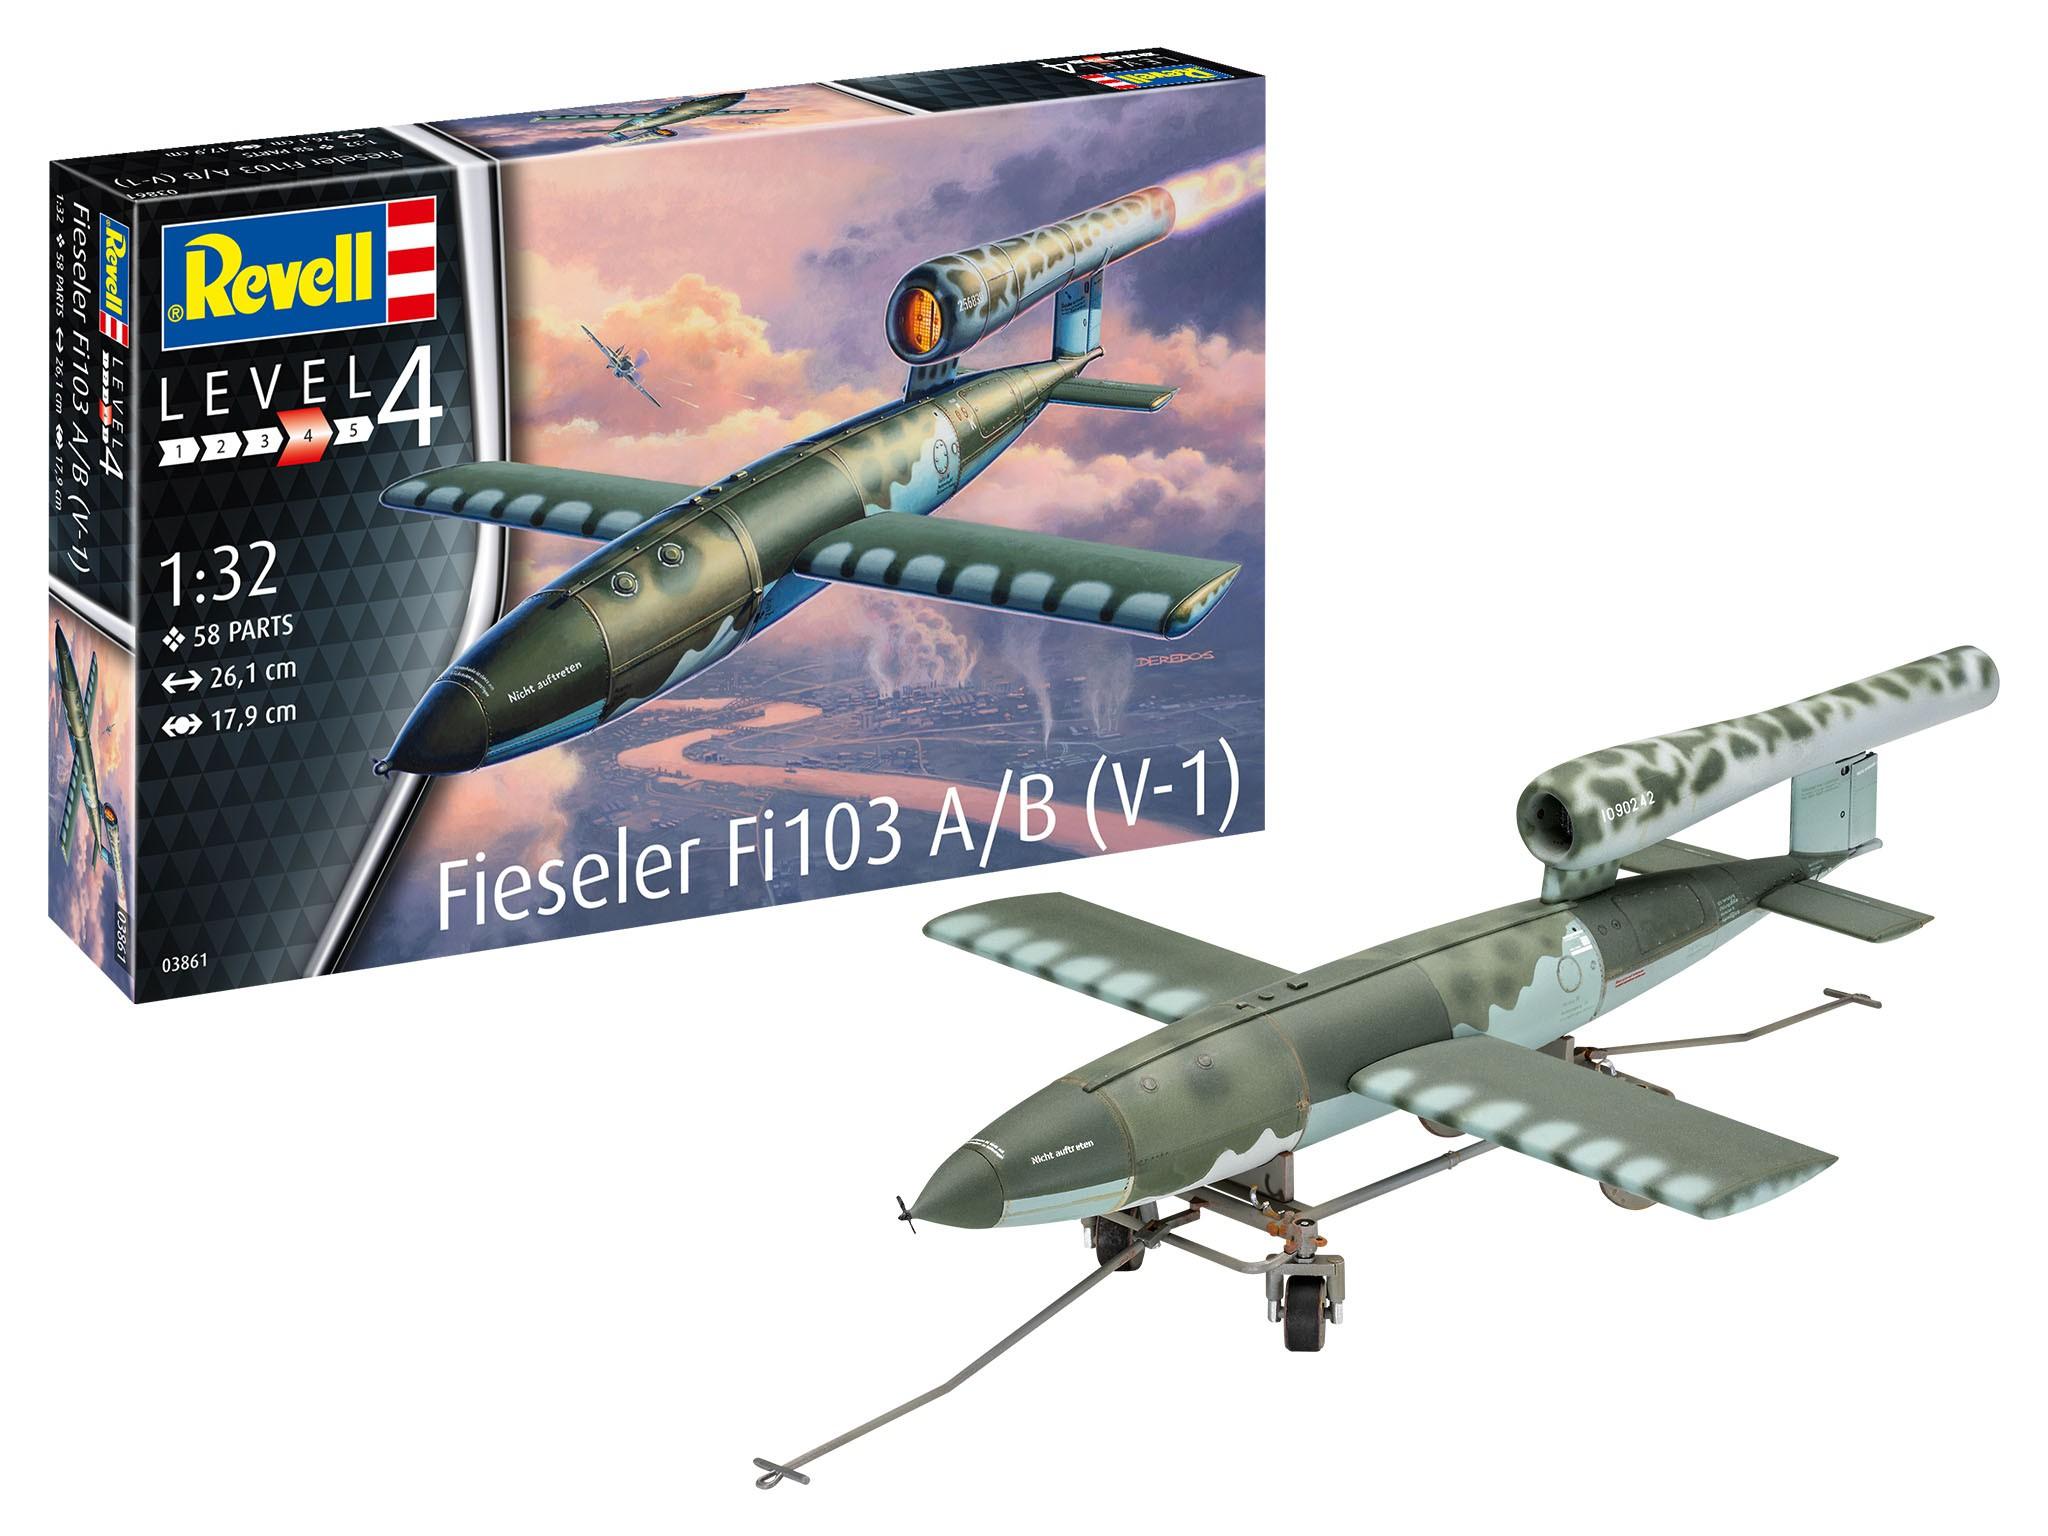 Fieseler Fi103 V-1